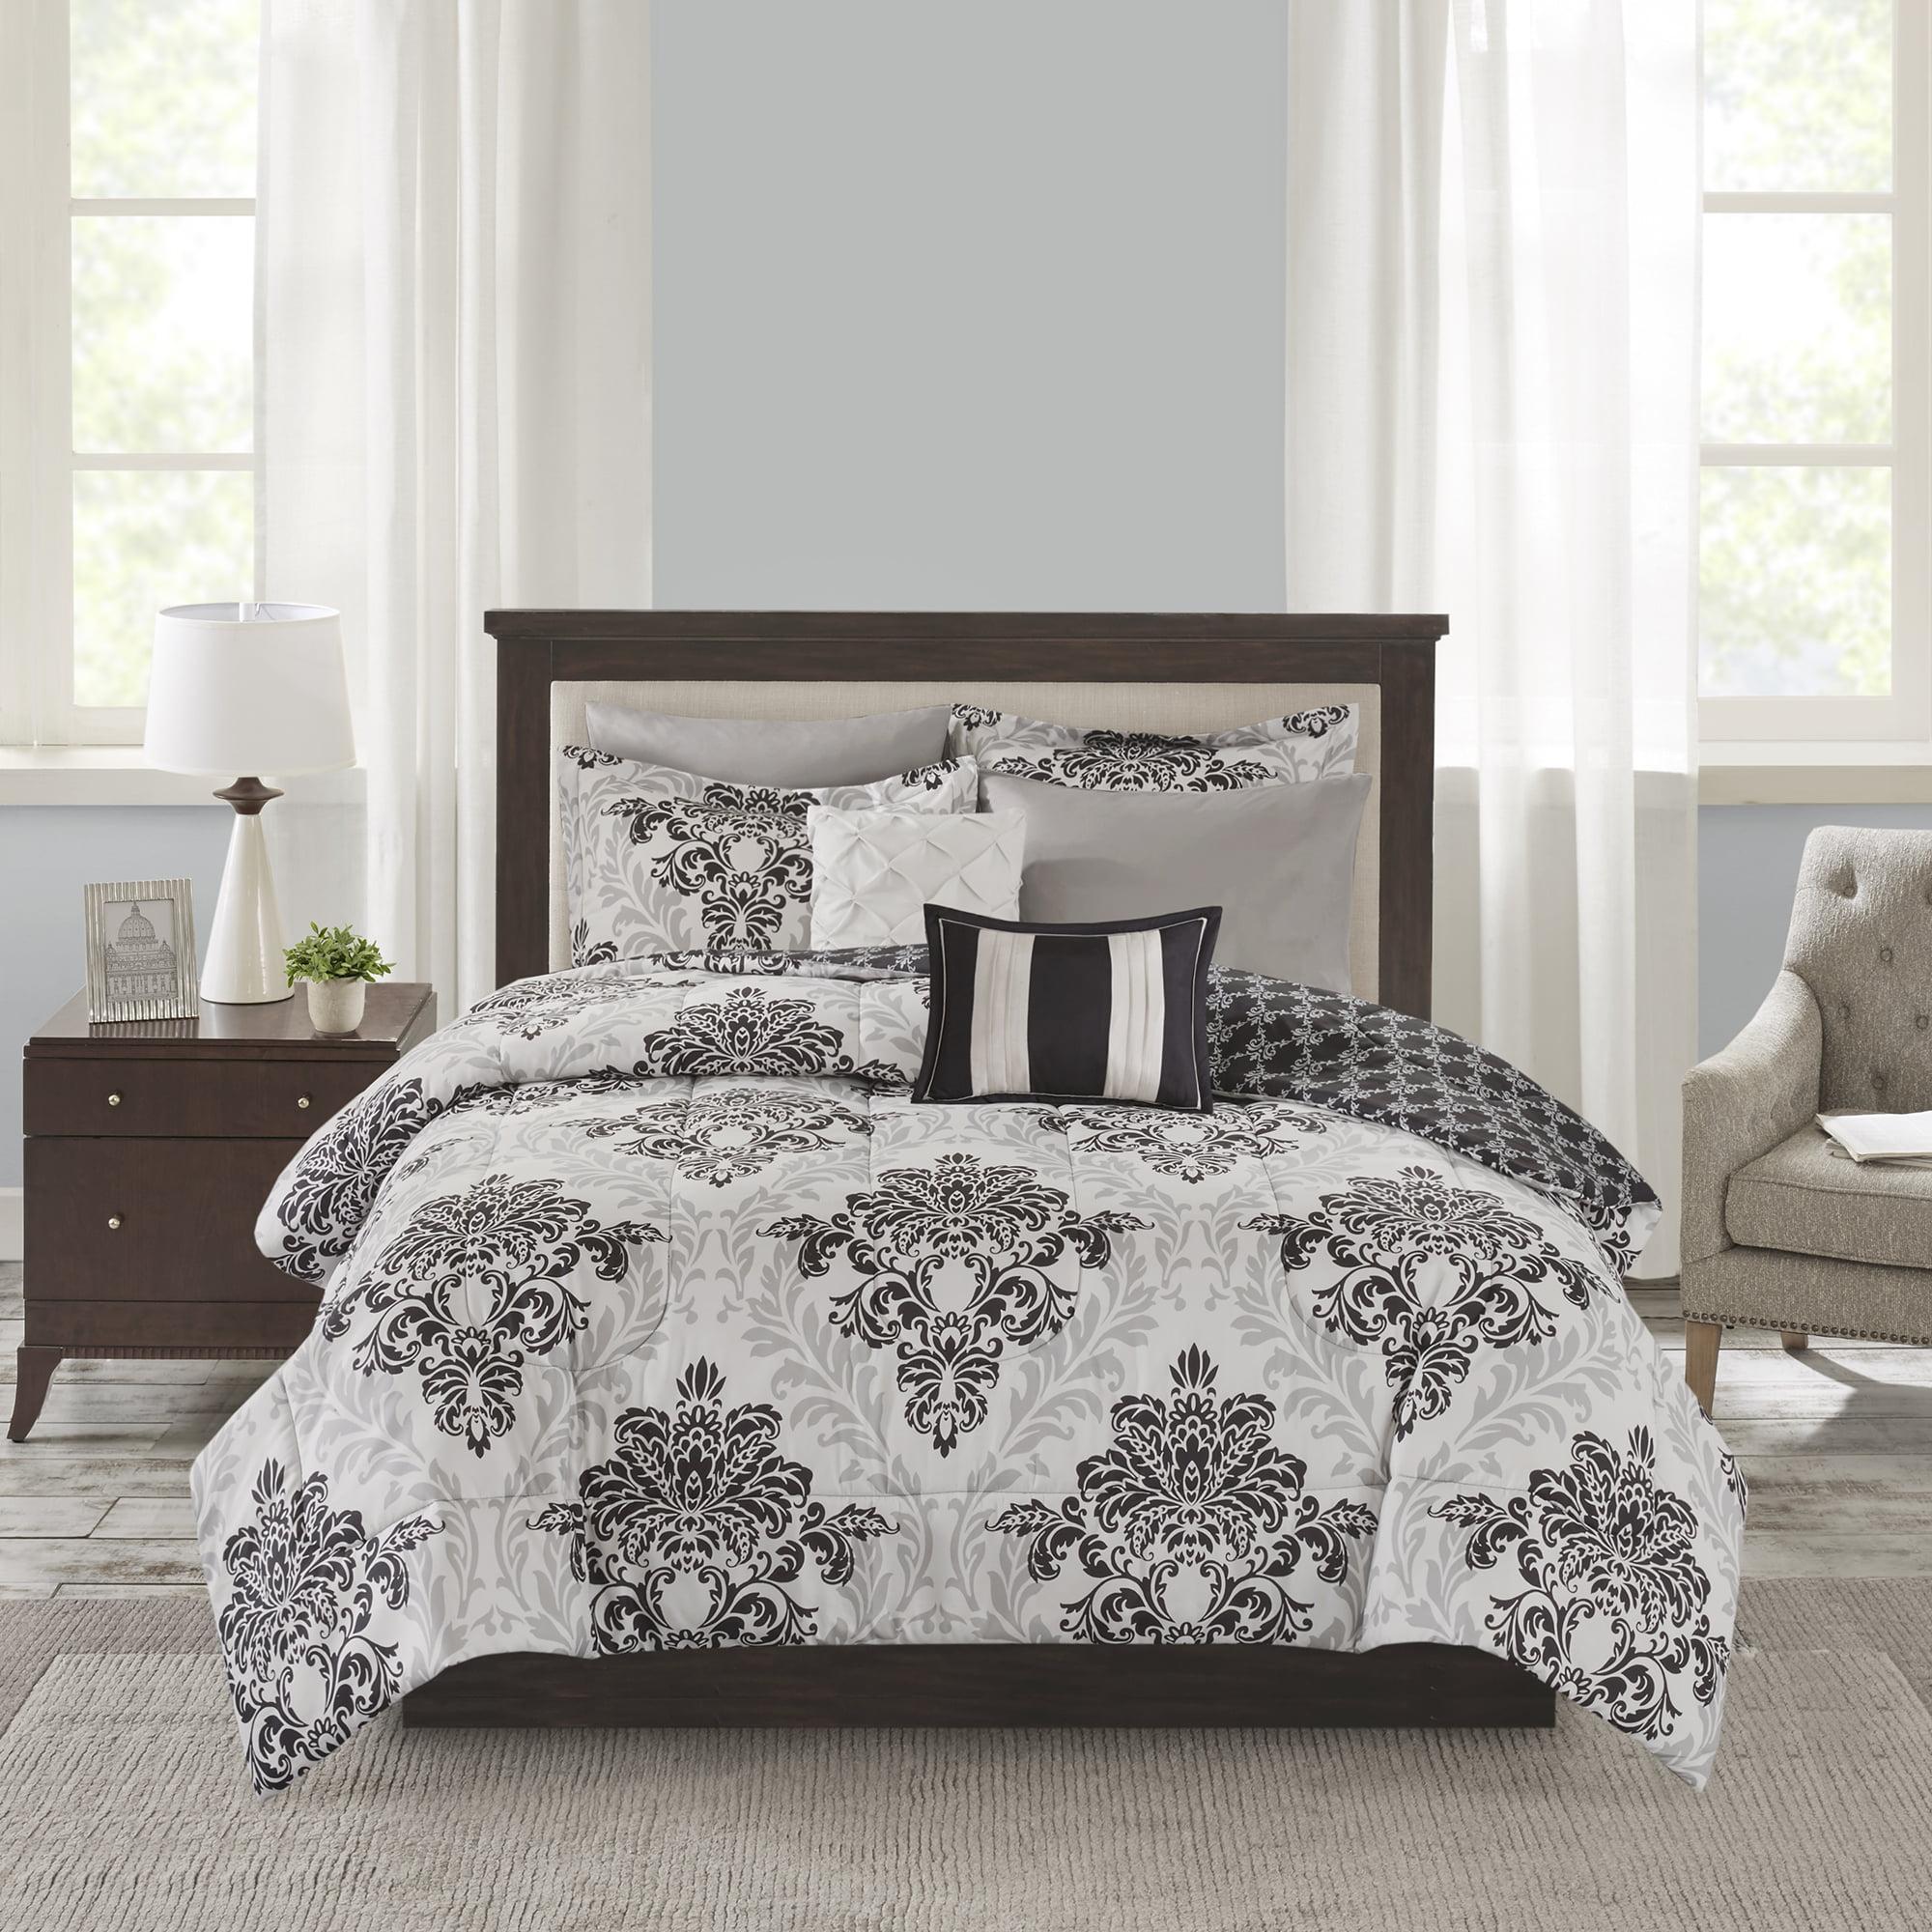 Mainstays Queen Comforter Amp Coverlet Set 8 Piece